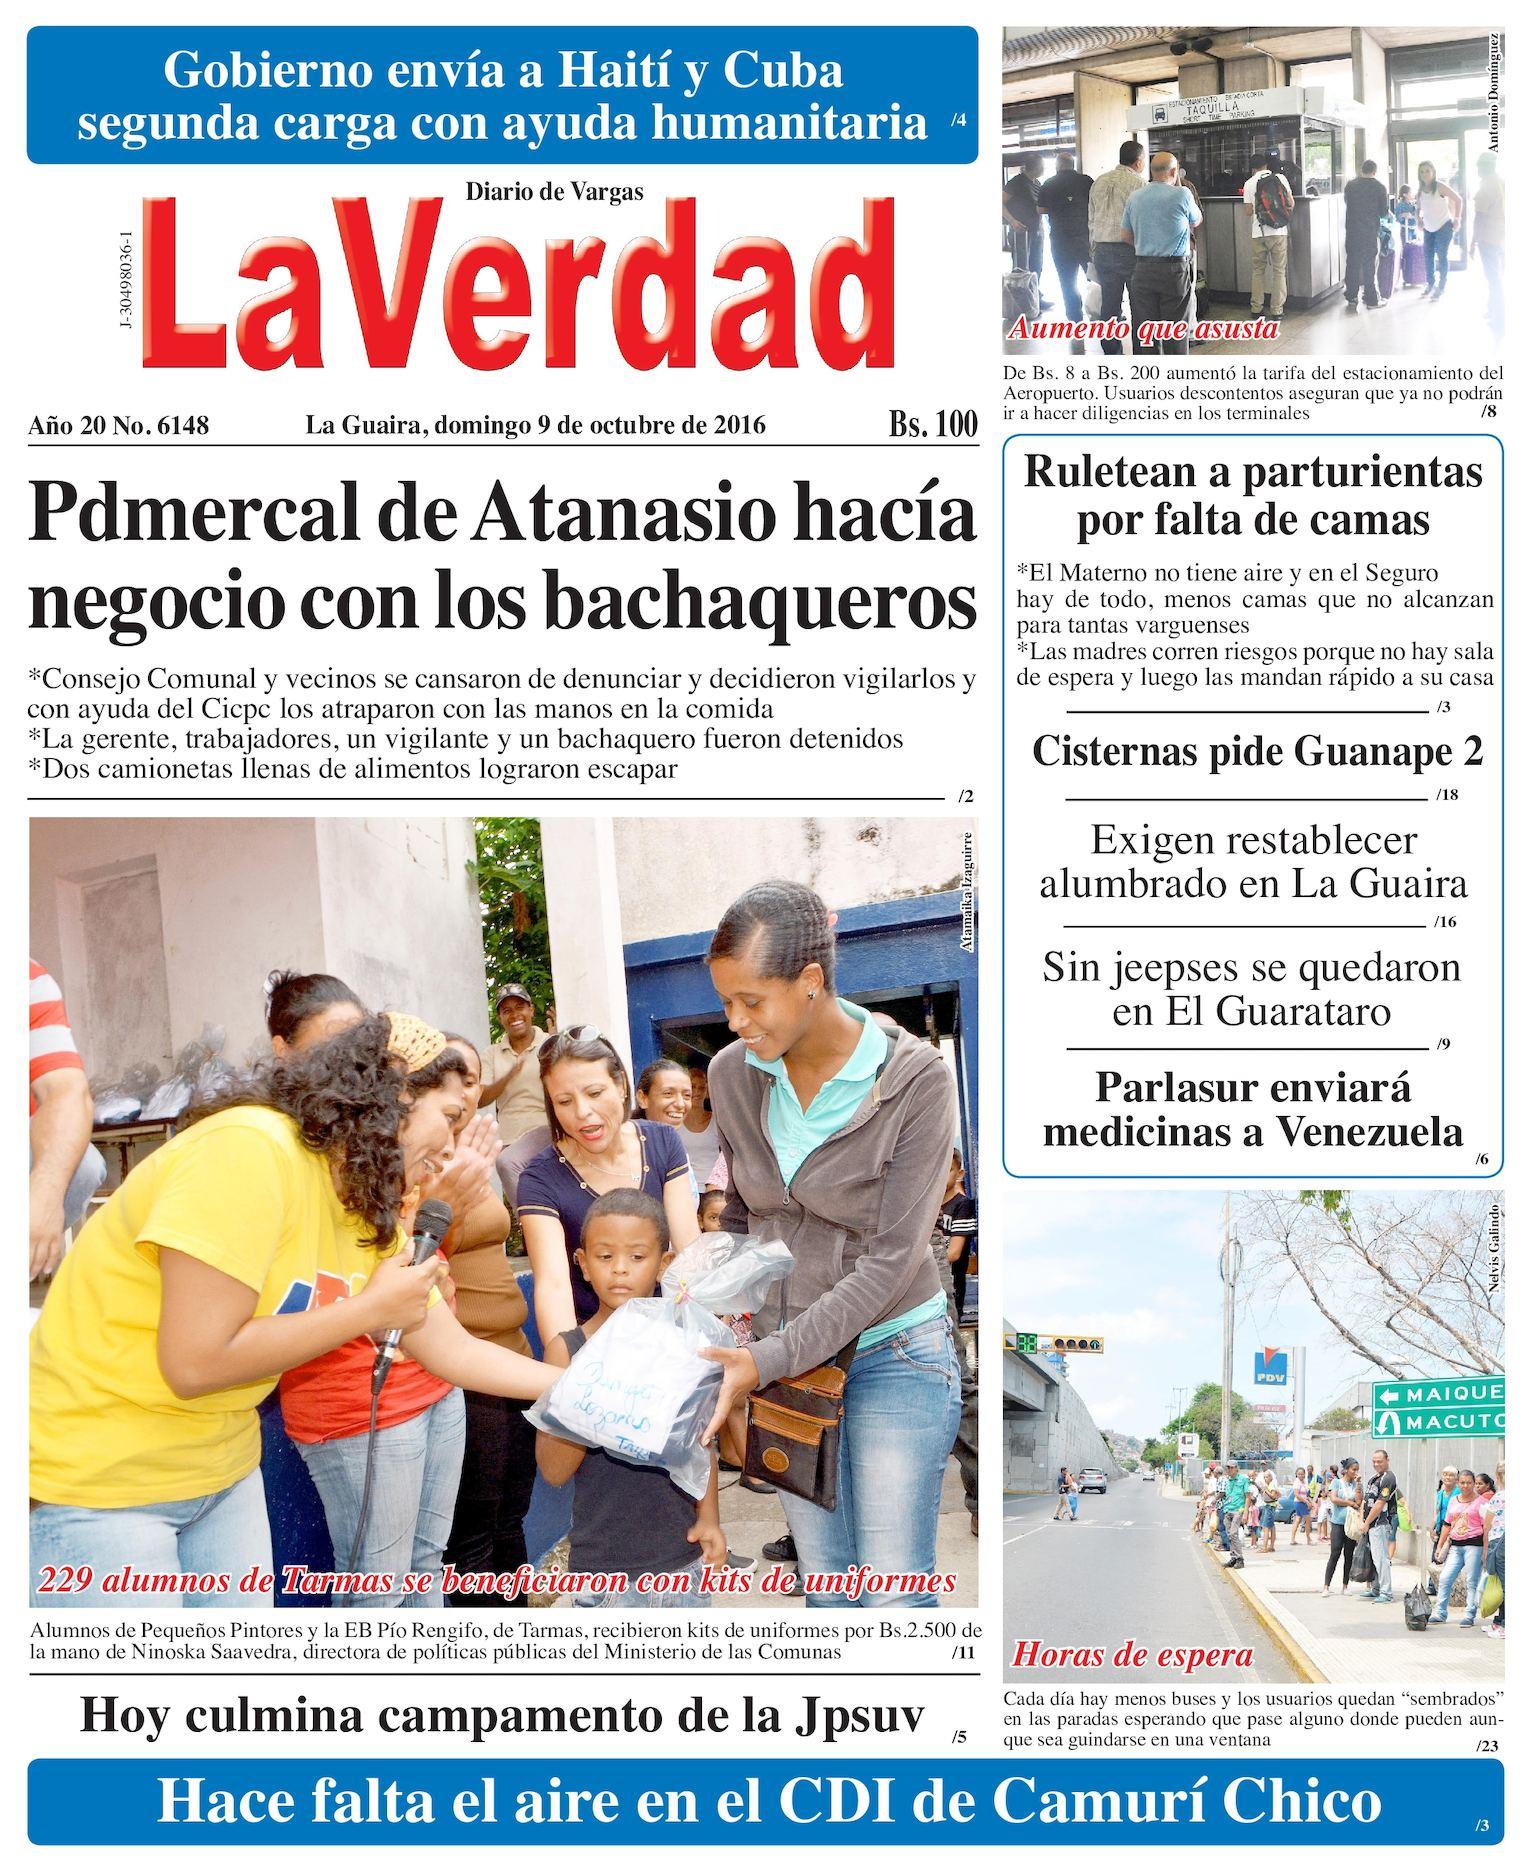 Calaméo - La Guaira, domingo 9 de octubre de 2016 Año 20 No. 6148